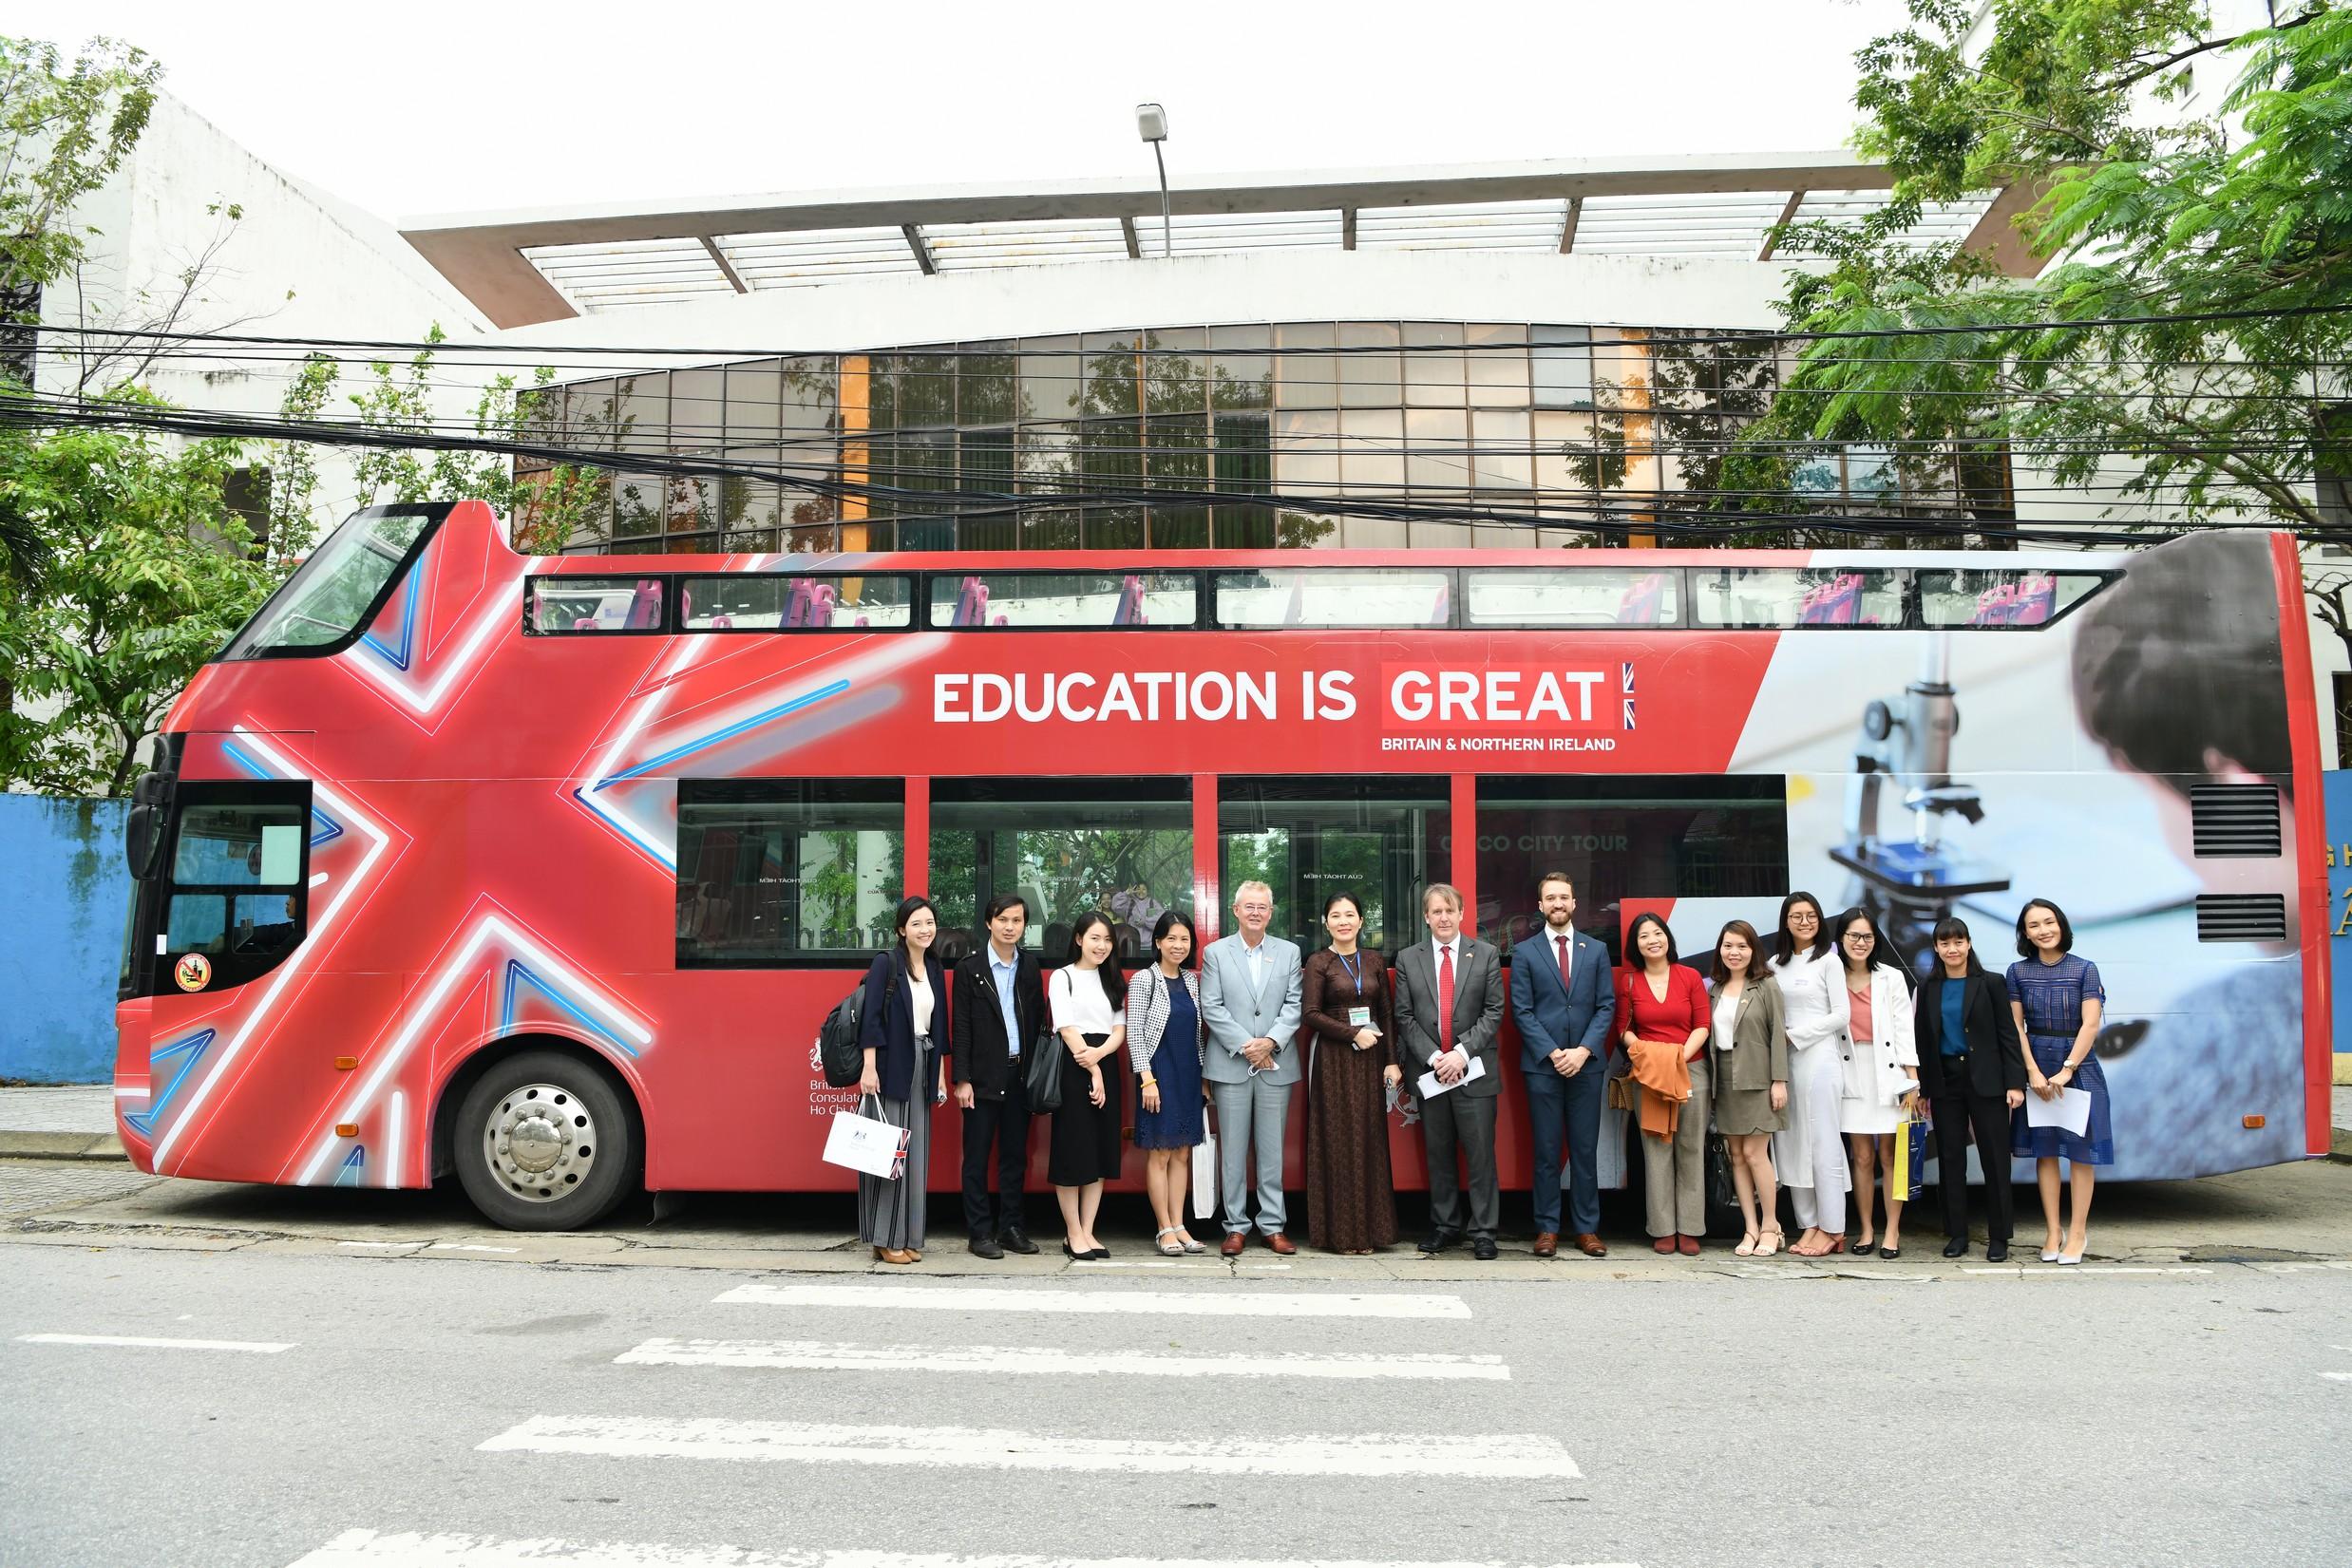 Hành trình giáo dục và công nghệ vương quốc Anh tại Đà Nẵng